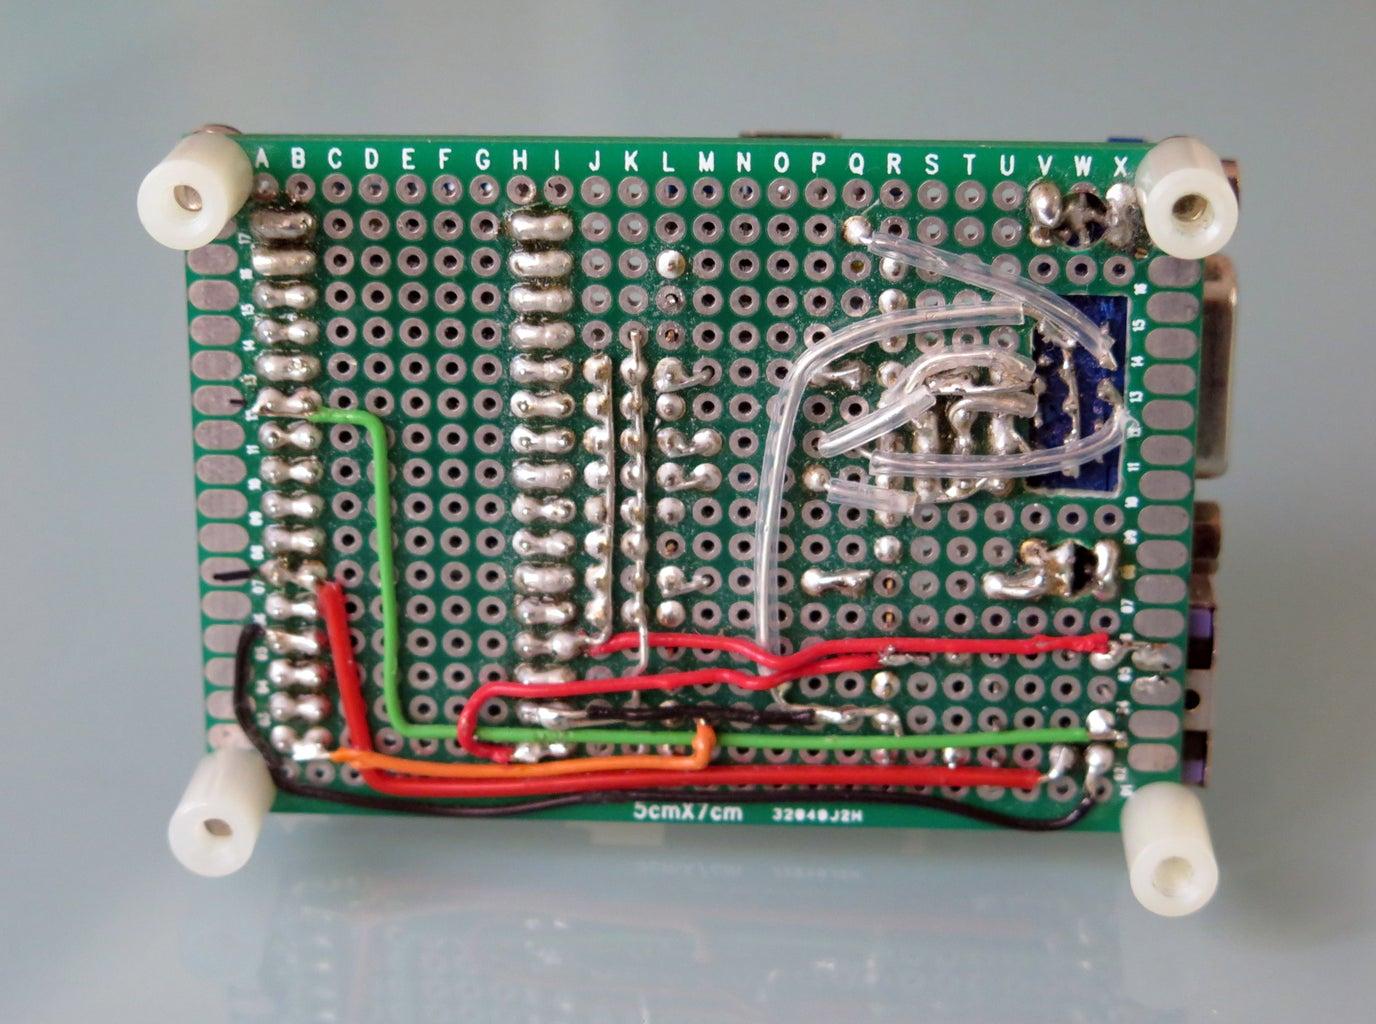 Optional: Using a PCB